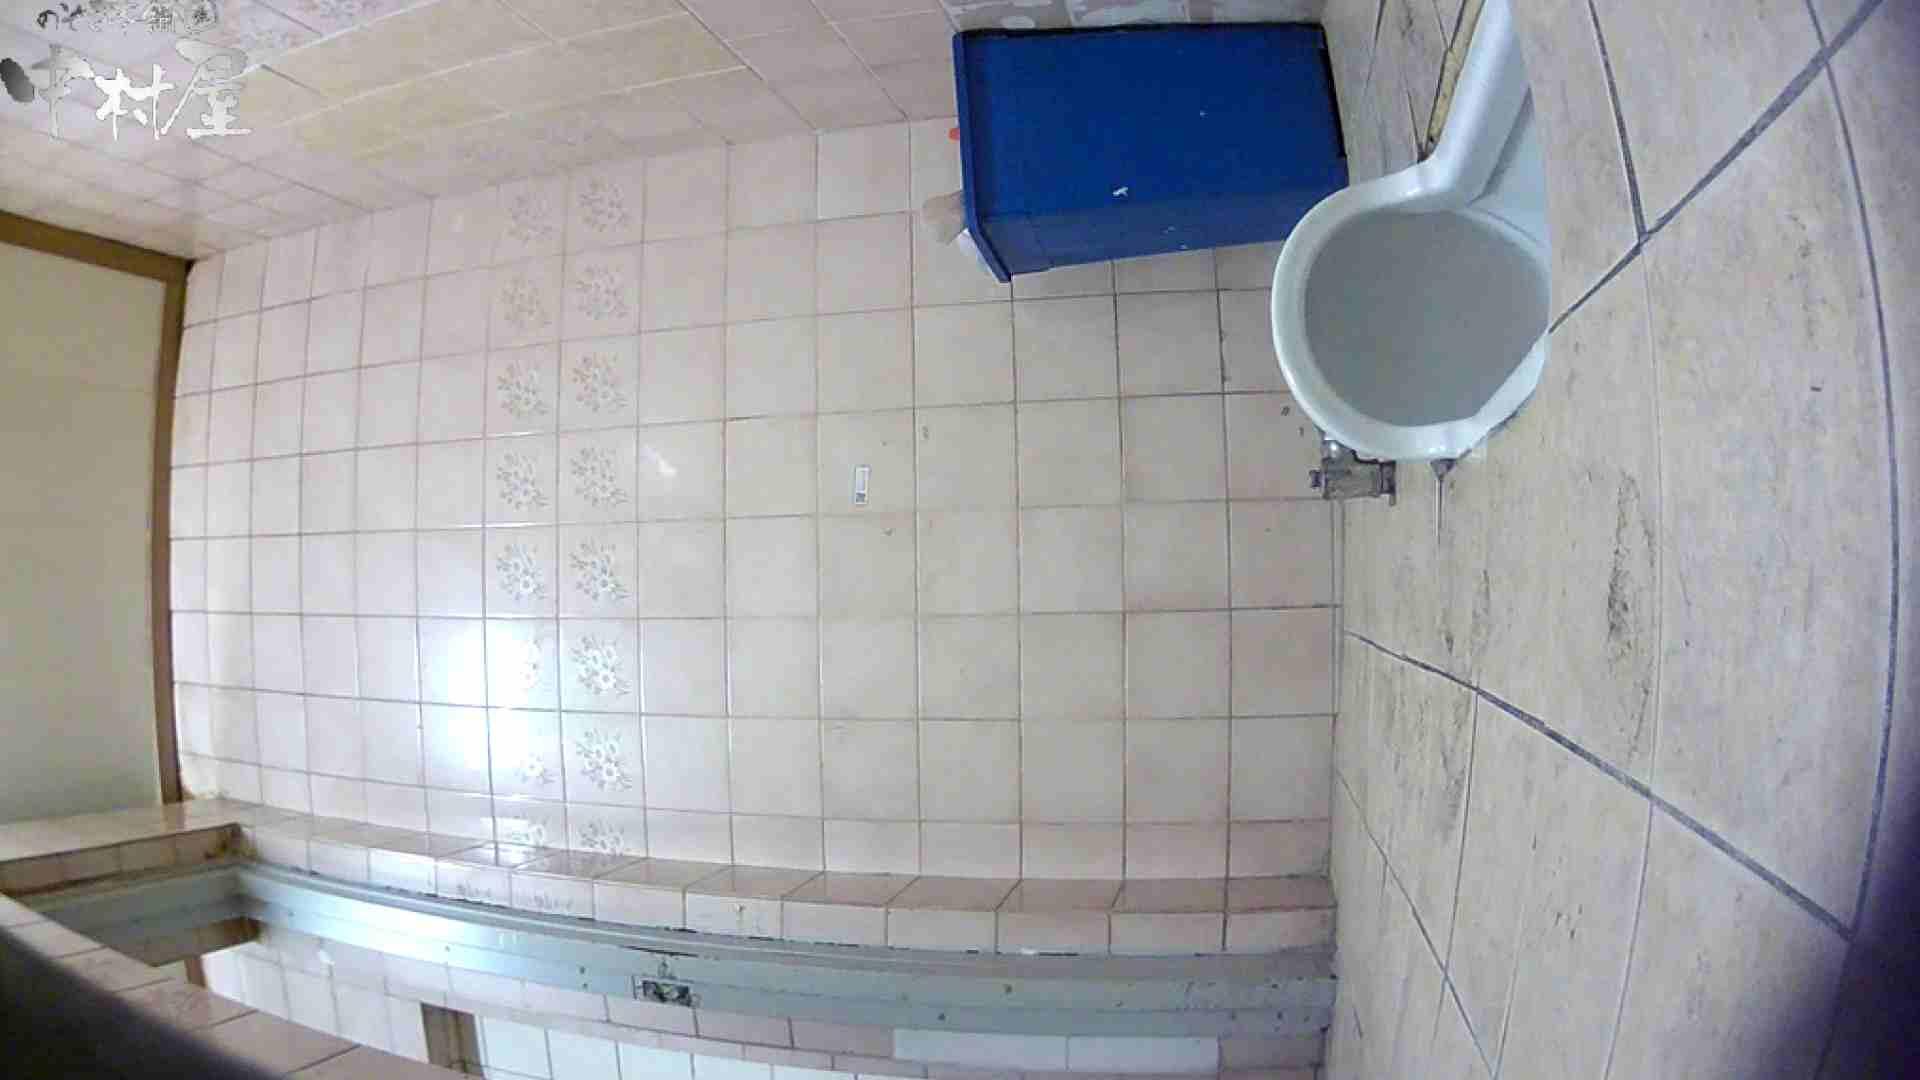 韓流トイレ盗撮vol.19 OLのプライベート | 韓流  12pic 5